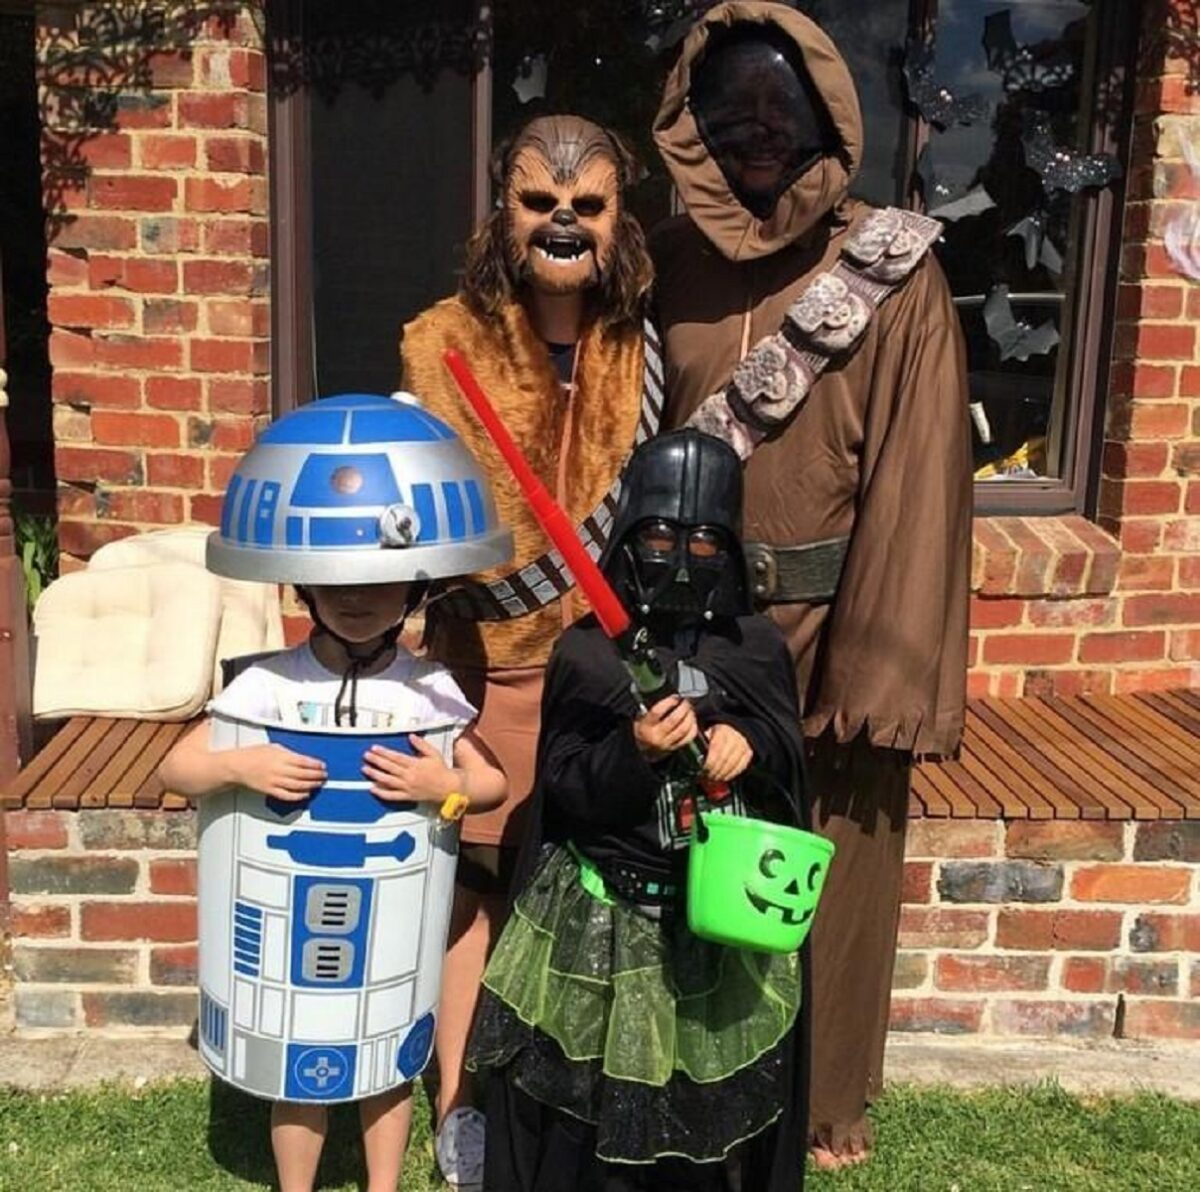 Fantasias de Halloween confira algumas opcoes para se inspirar 37